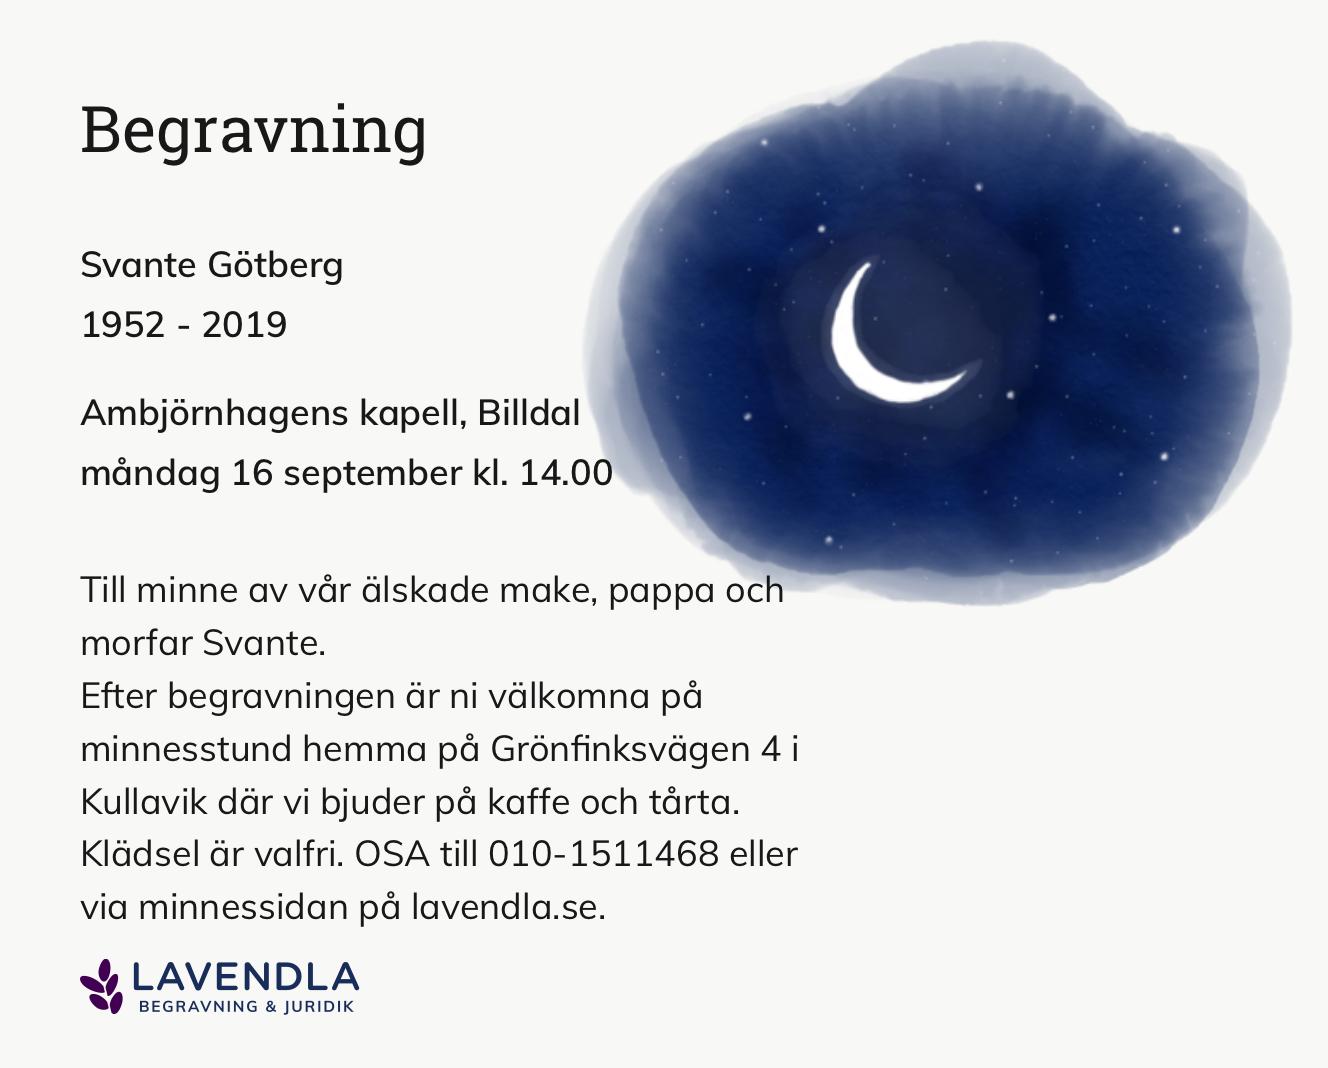 Inbjudningskort till ceremonin för Svante Götberg